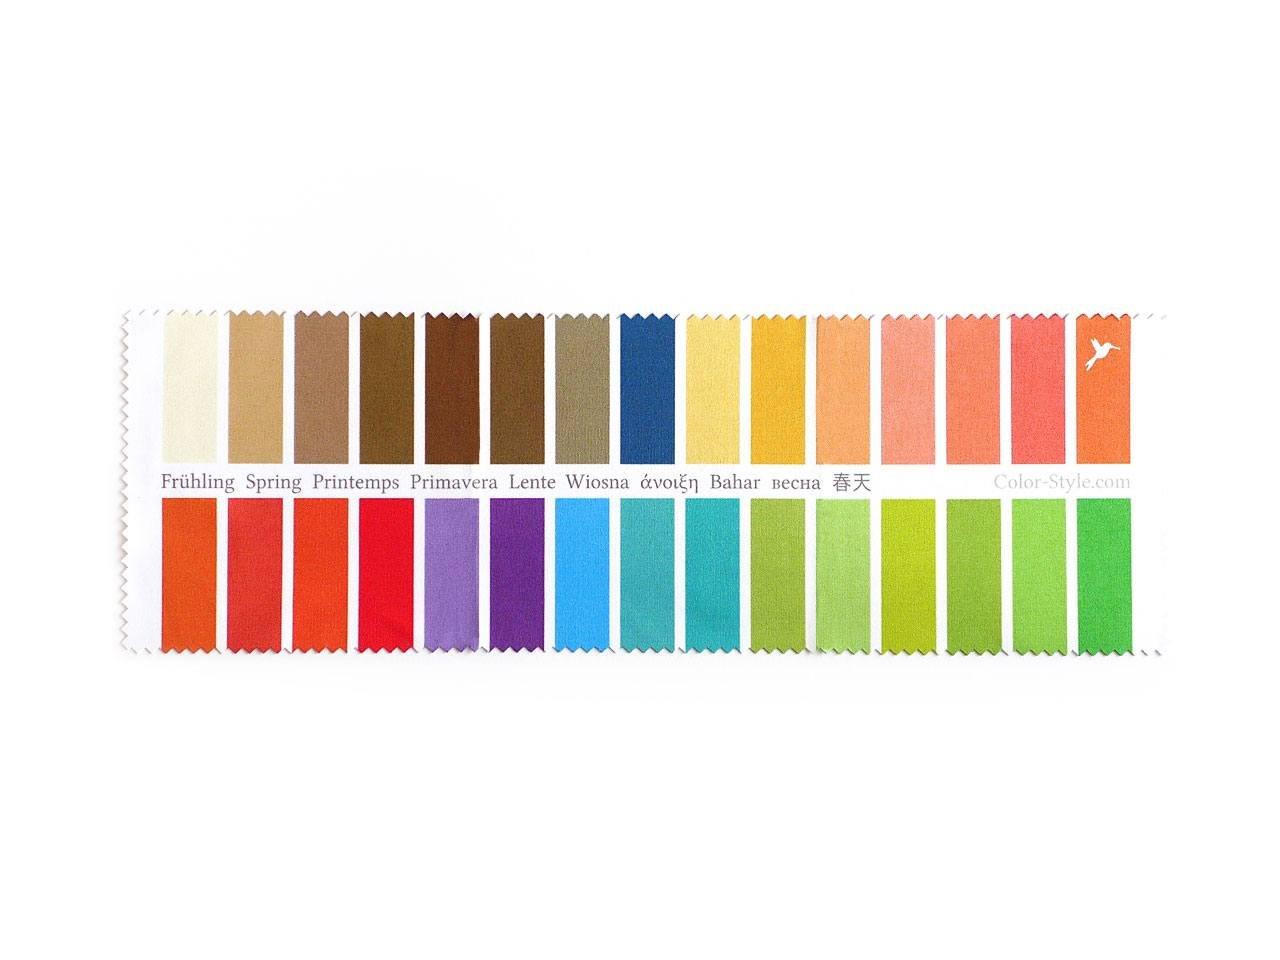 Palette in tessuto con 30 colori per tipo primavera calda (Warm Spring) per analisi e consulenza relative al colore e consulenza di stile Kolibri Image GbR P98